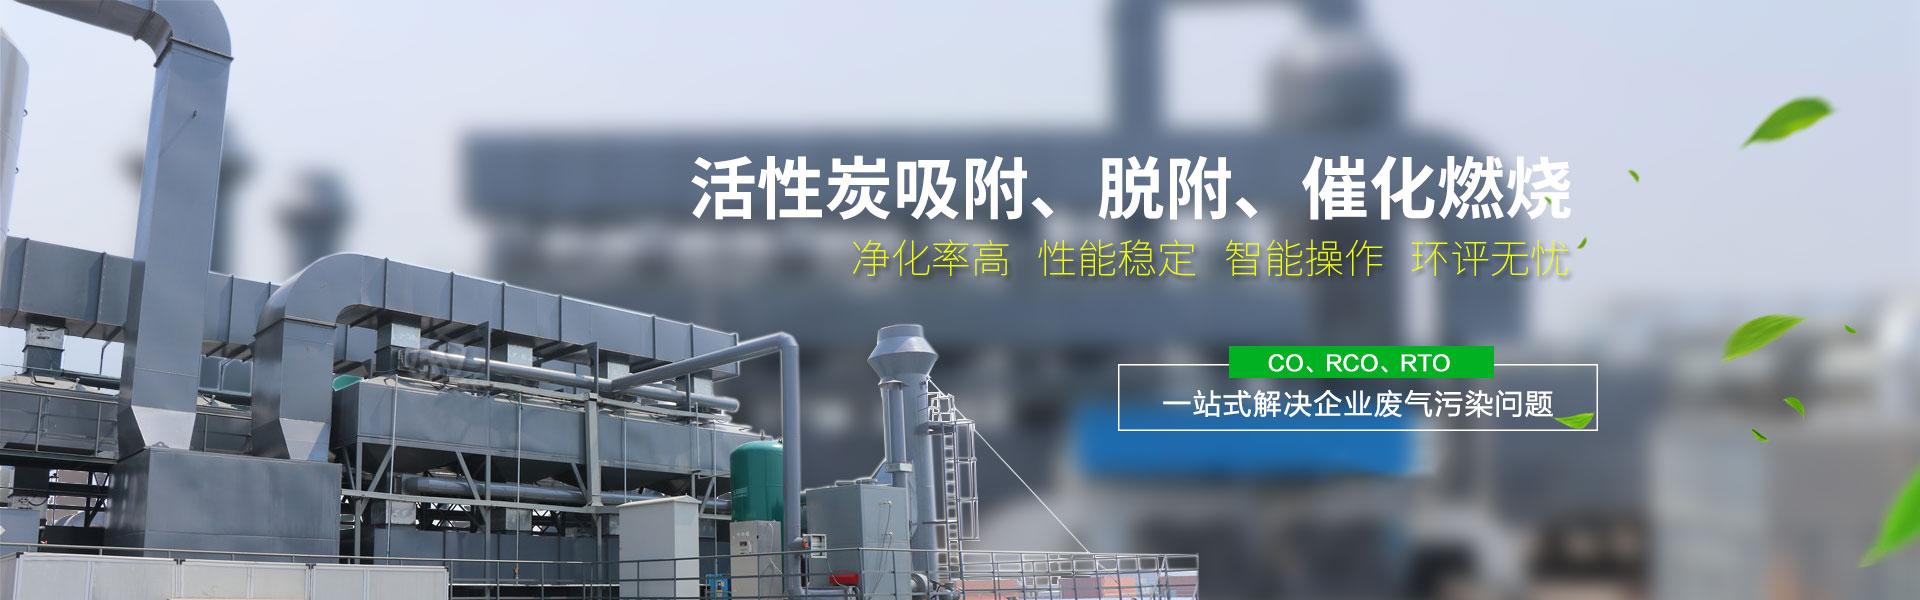 VOC废气设备